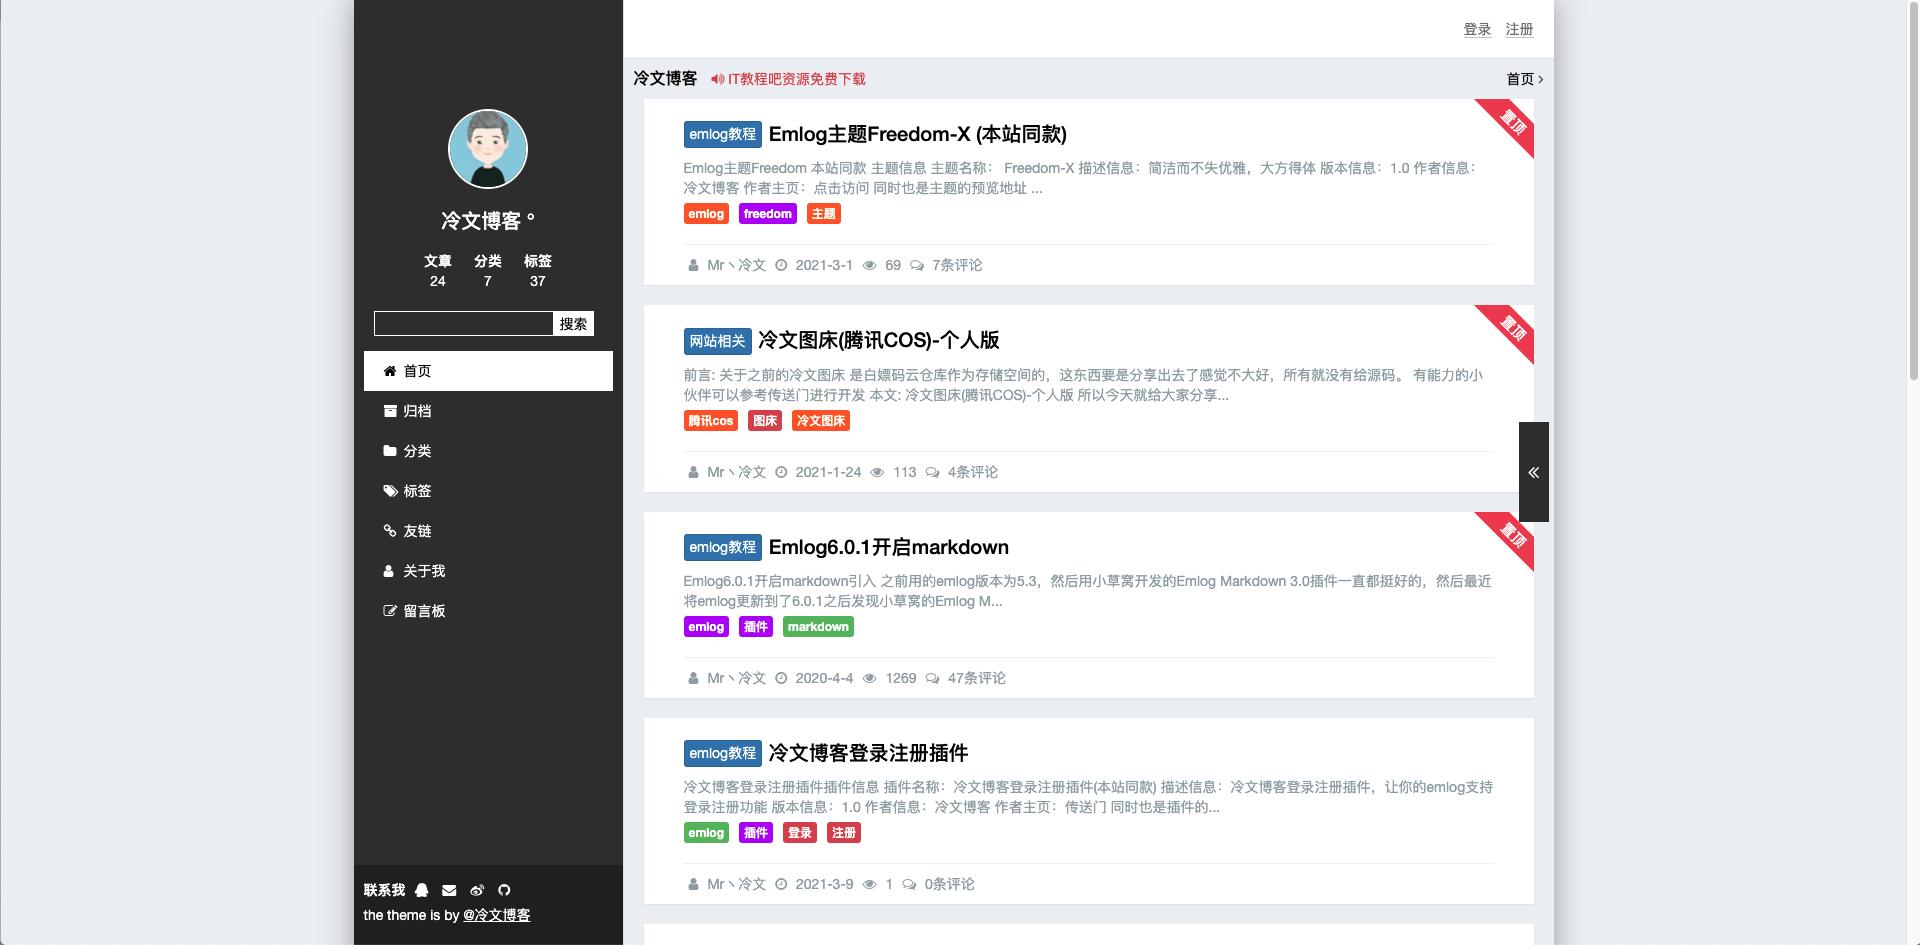 https://imagebed-1252410096.cos.ap-nanjing.myqcloud.com/20210309/081df2e4ecf046dfbc60205dd3c53a2e.png